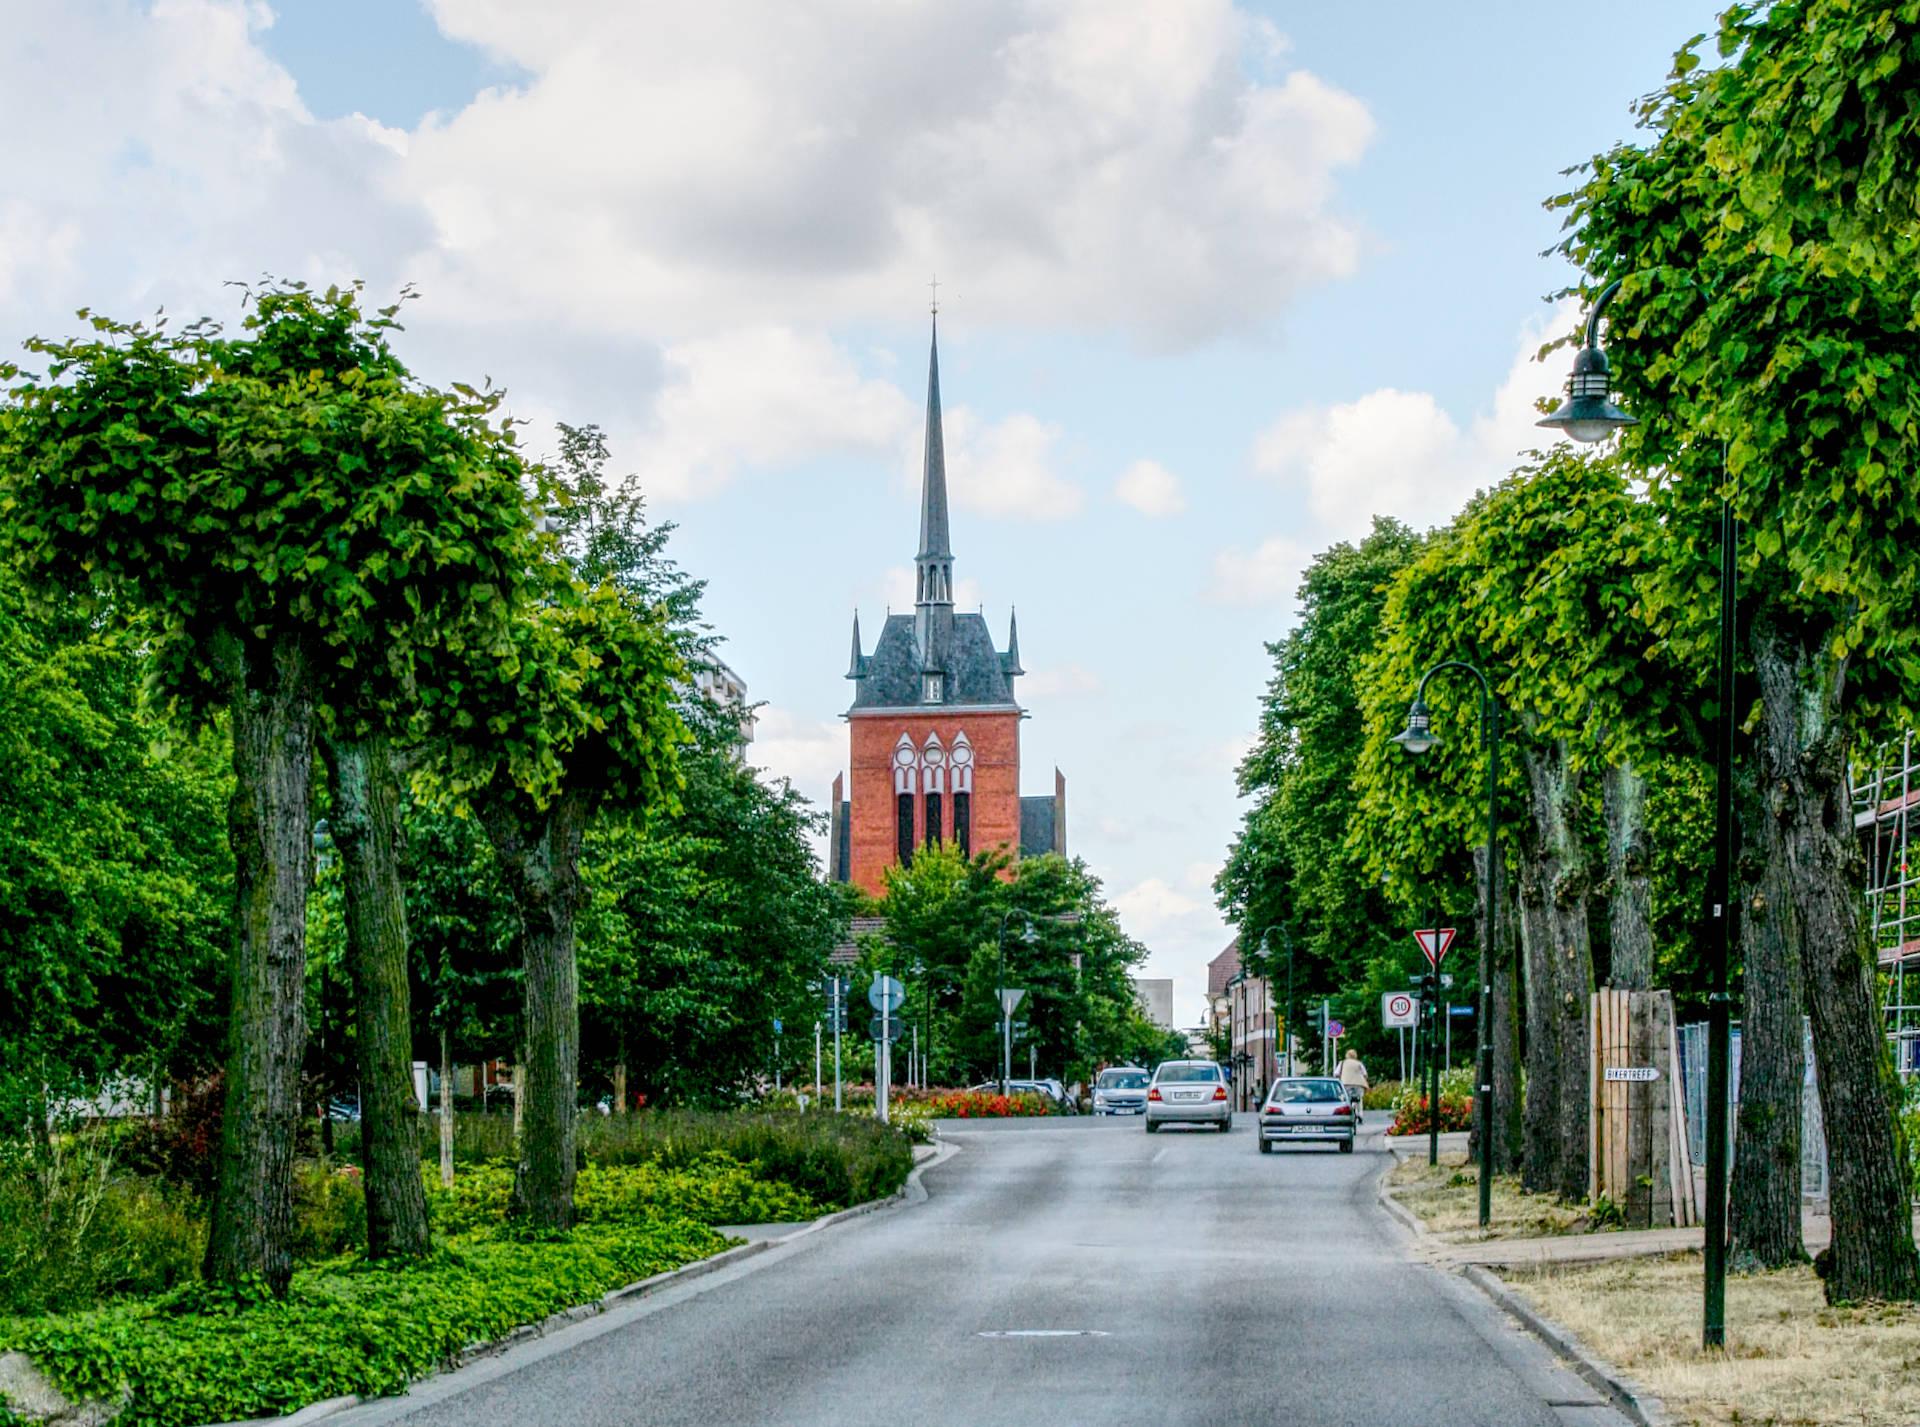 Pfarrkirche St. Mariä-Himmelfahrt Schwedt/Oder